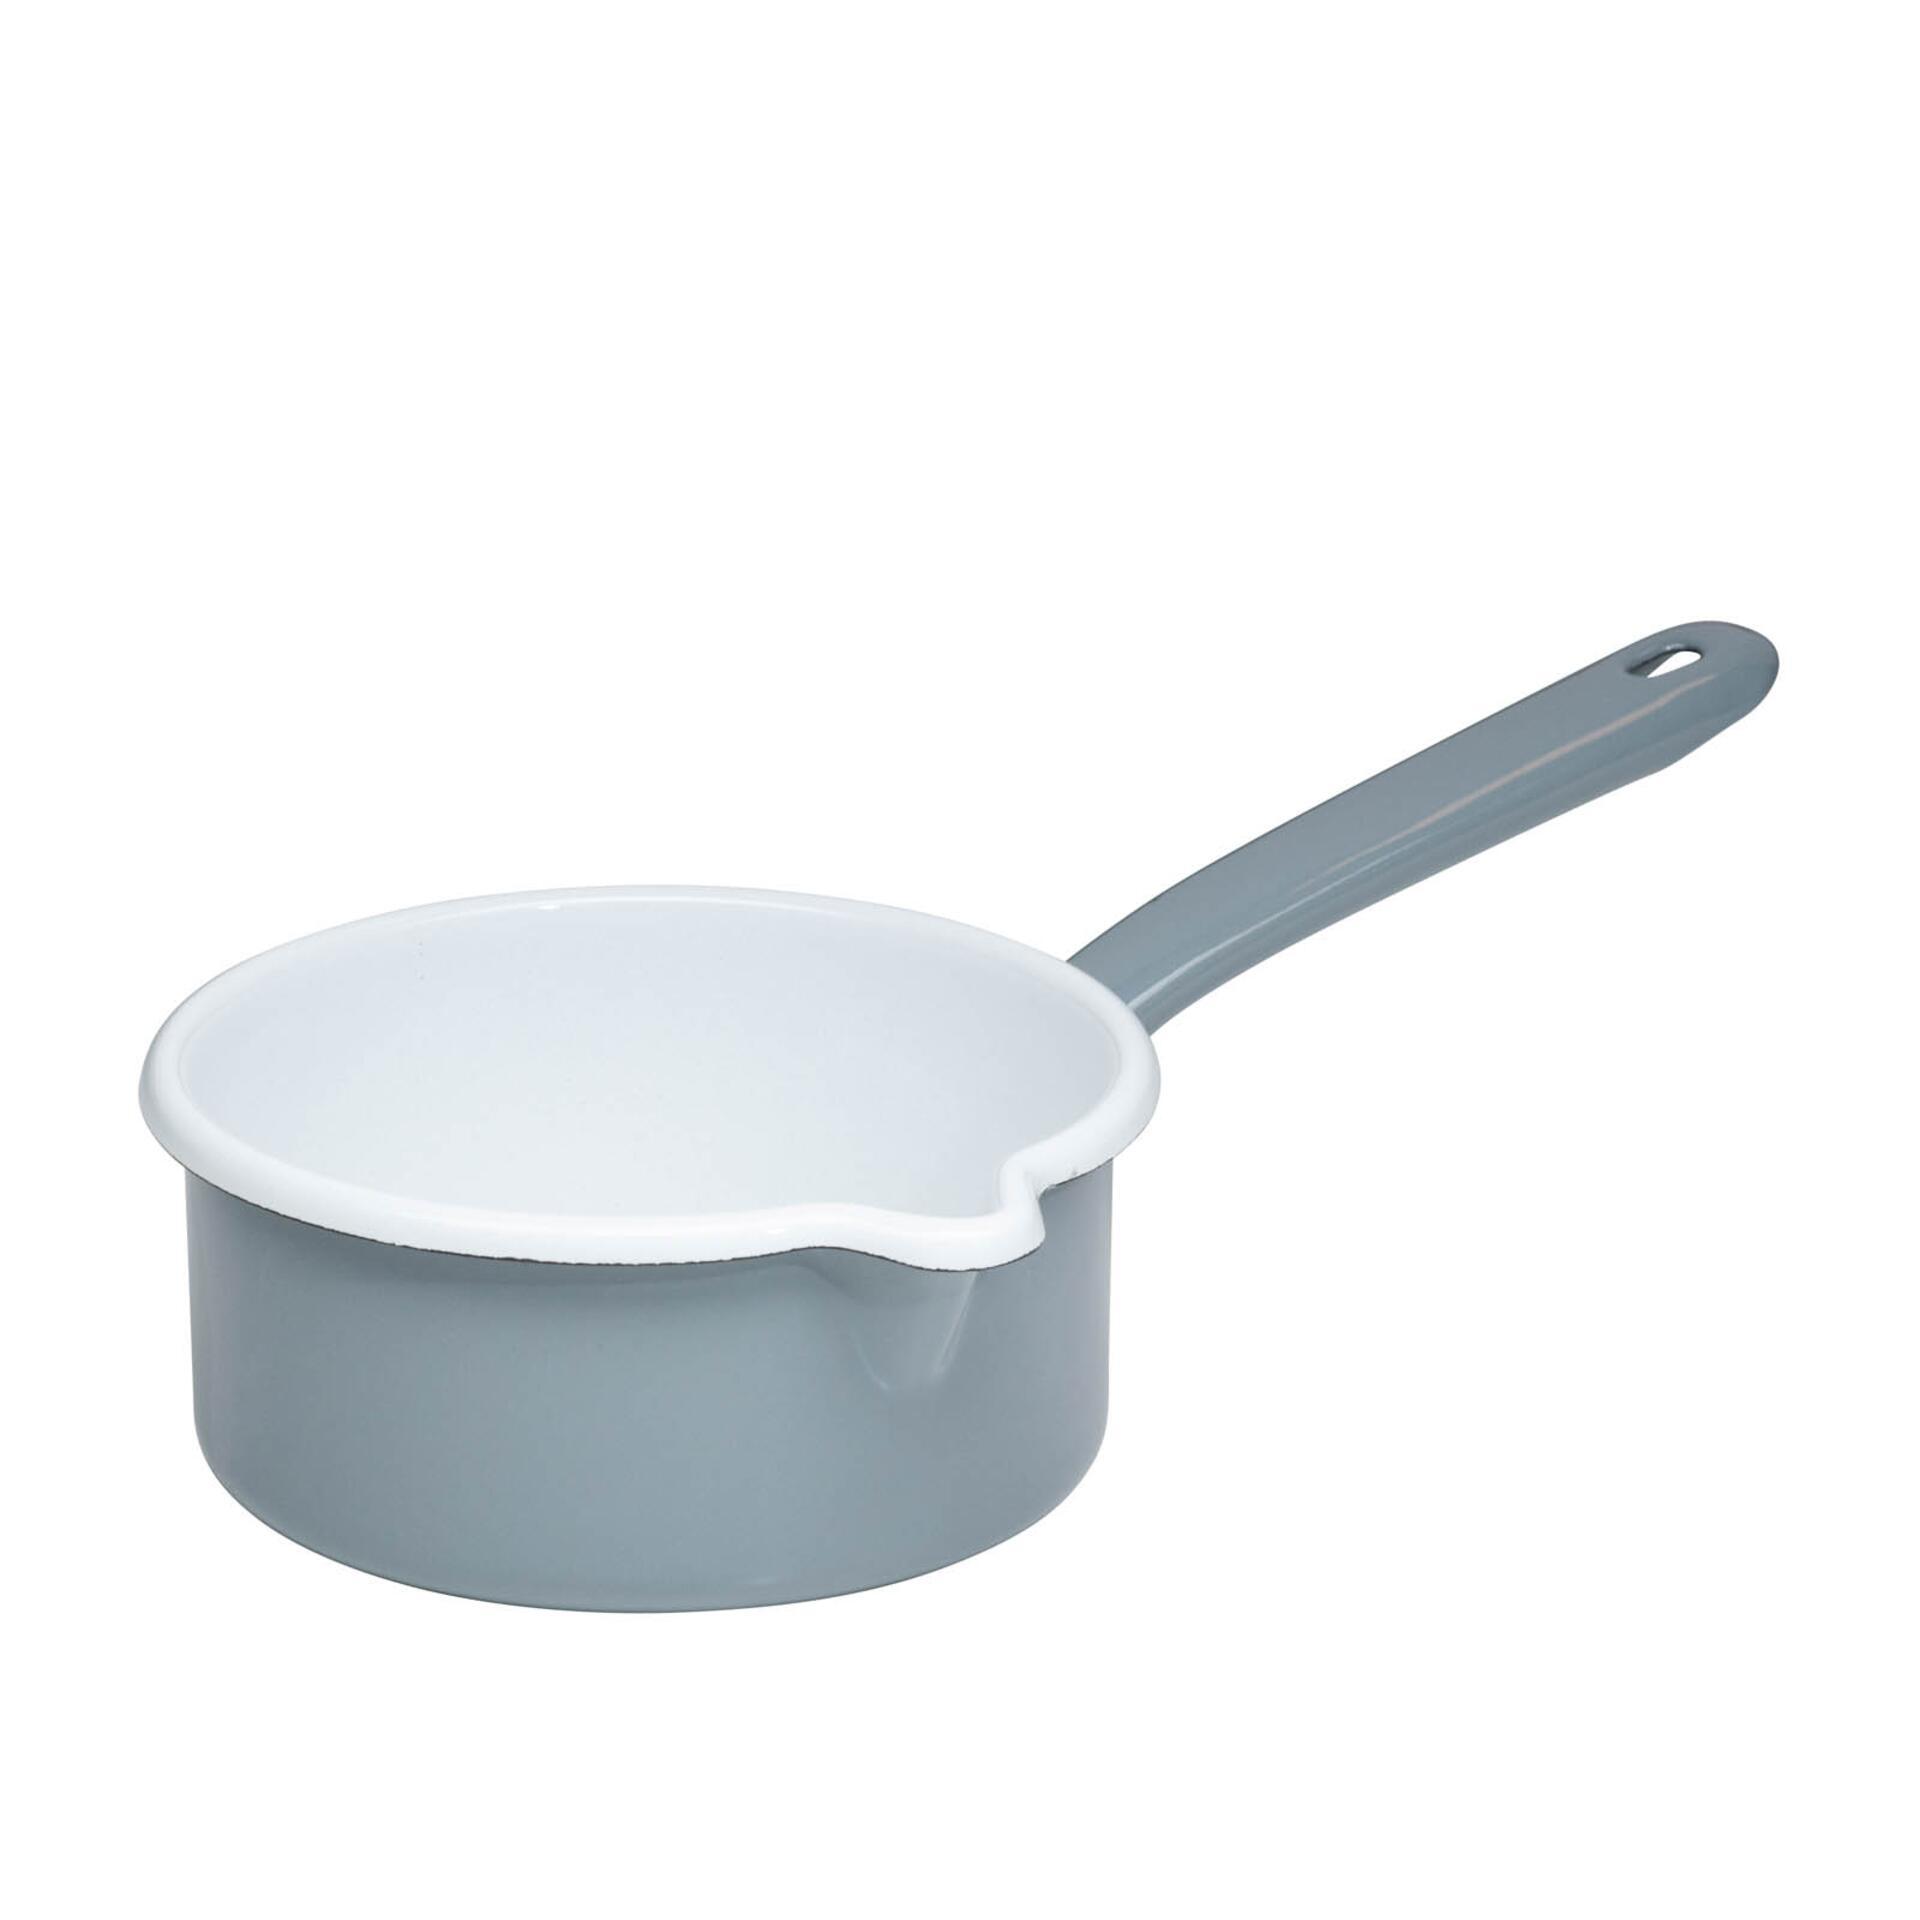 Riess Stielkasserolle 14 cm Pure Grey